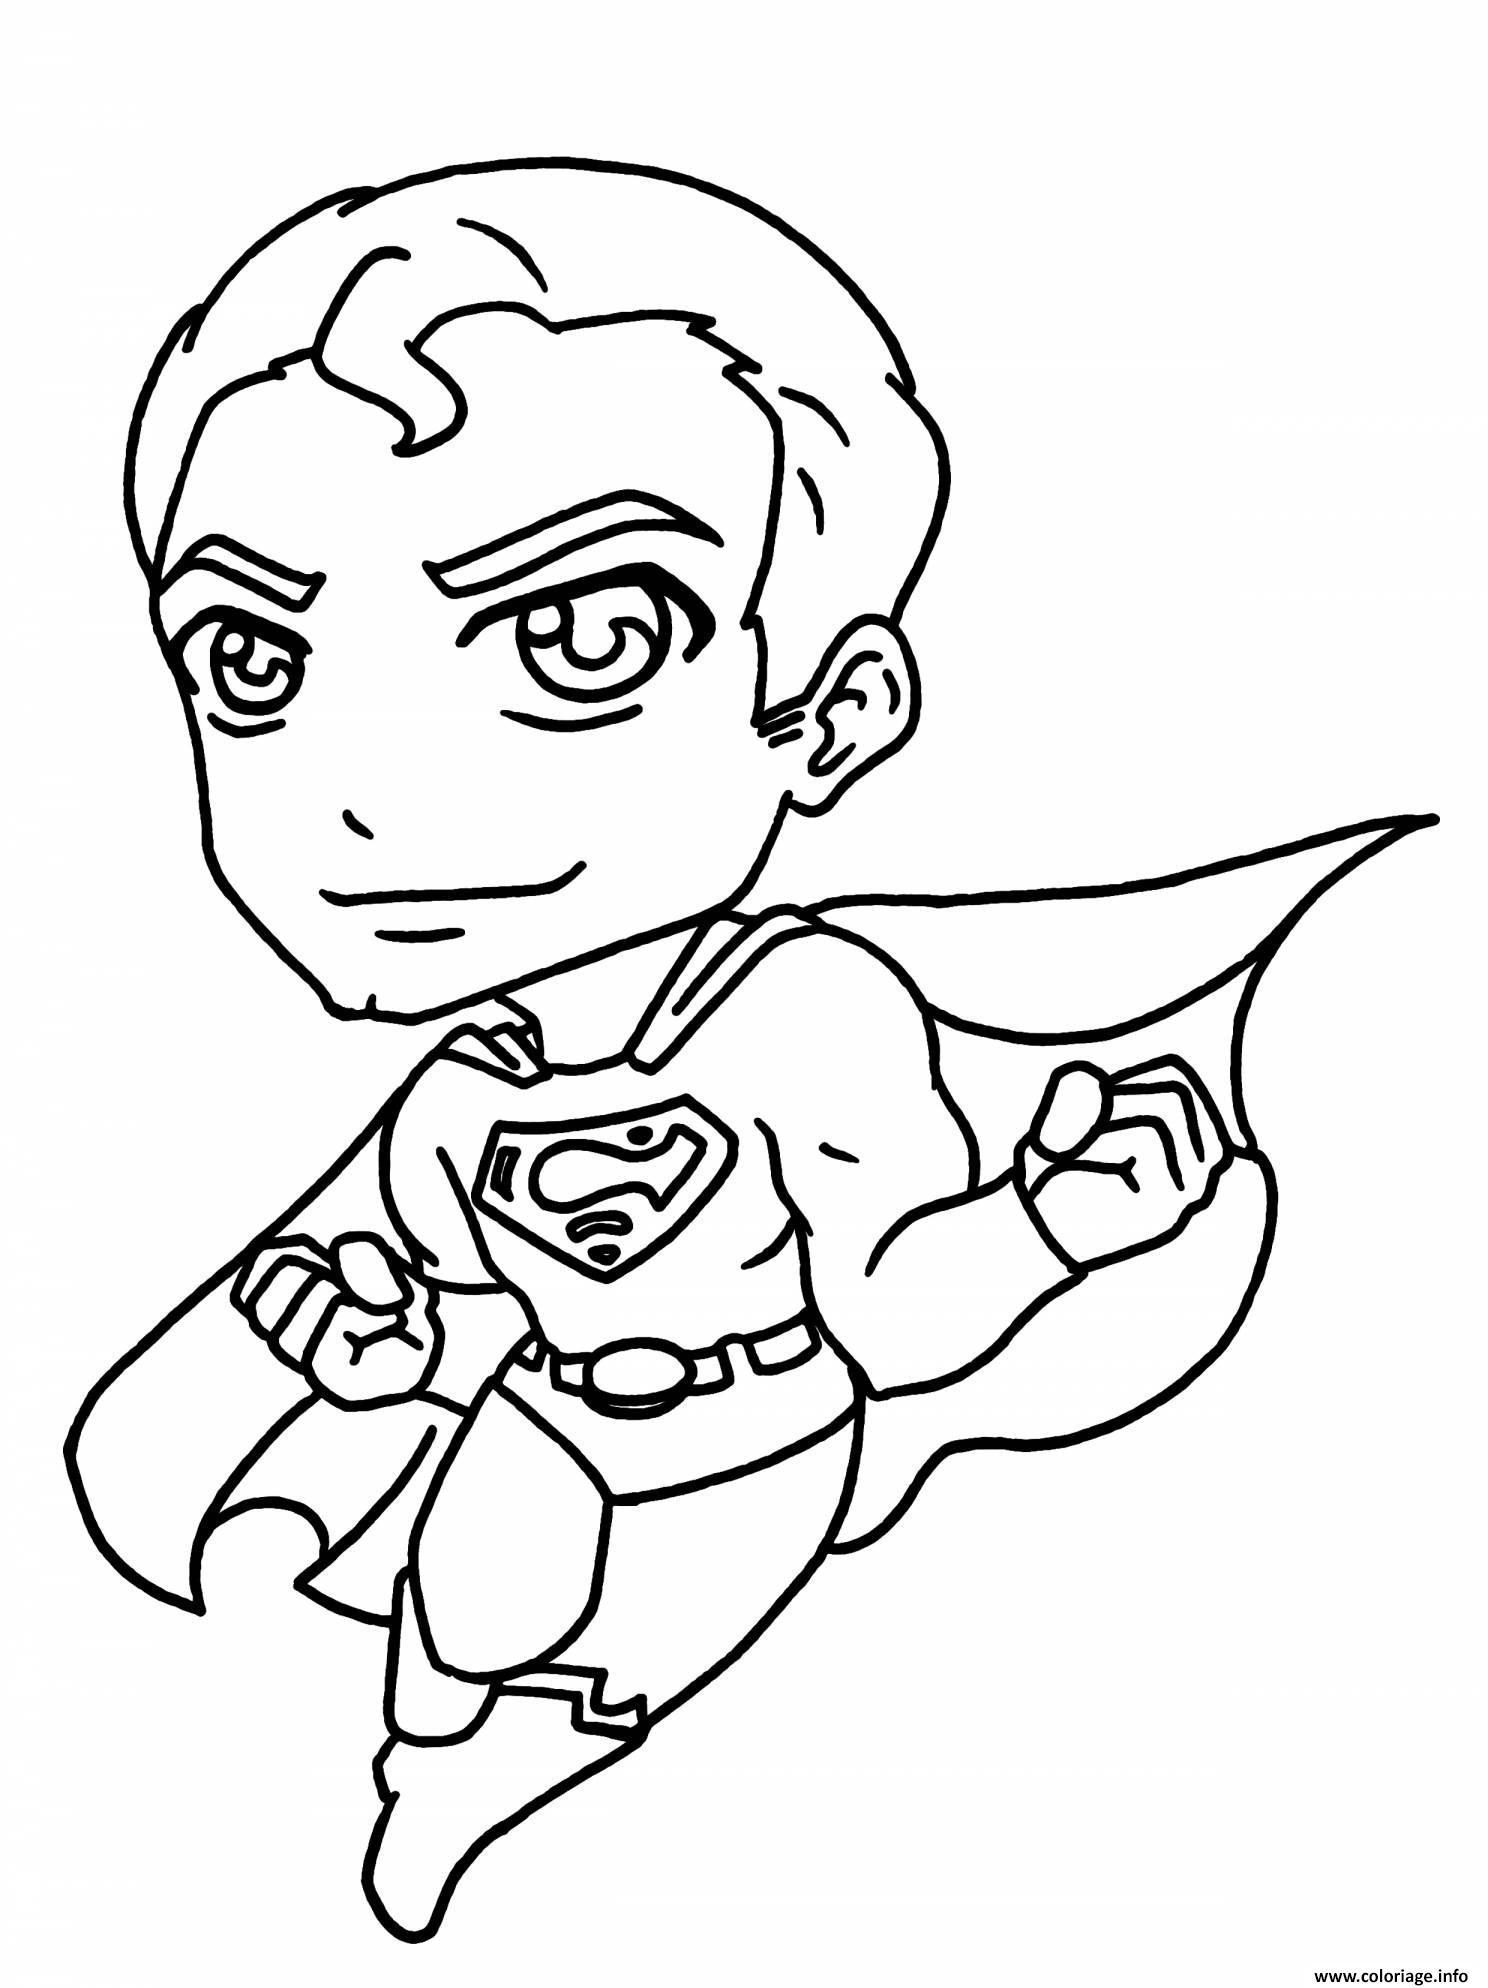 Coloriage garcon super heros superman - JeColorie.com